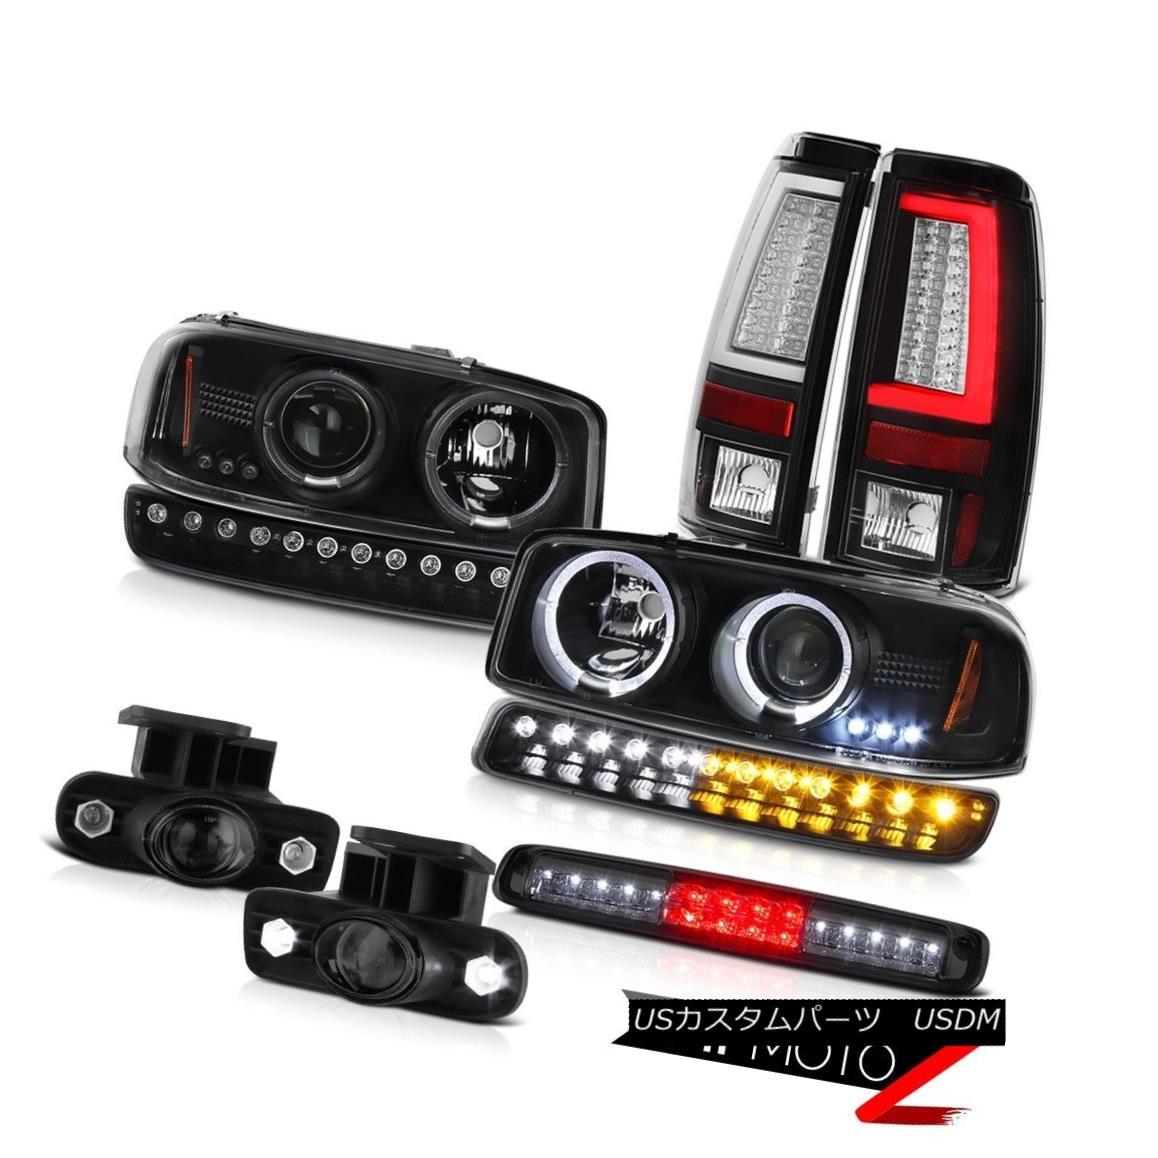 ヘッドライト 99 00 01 02 Sierra SL Black Taillamps High Stop Lamp Signal Foglights Headlamps 99 00 01 02 Sierra SL Black Taillampsハイストップランプ信号フォグライトヘッドランプ